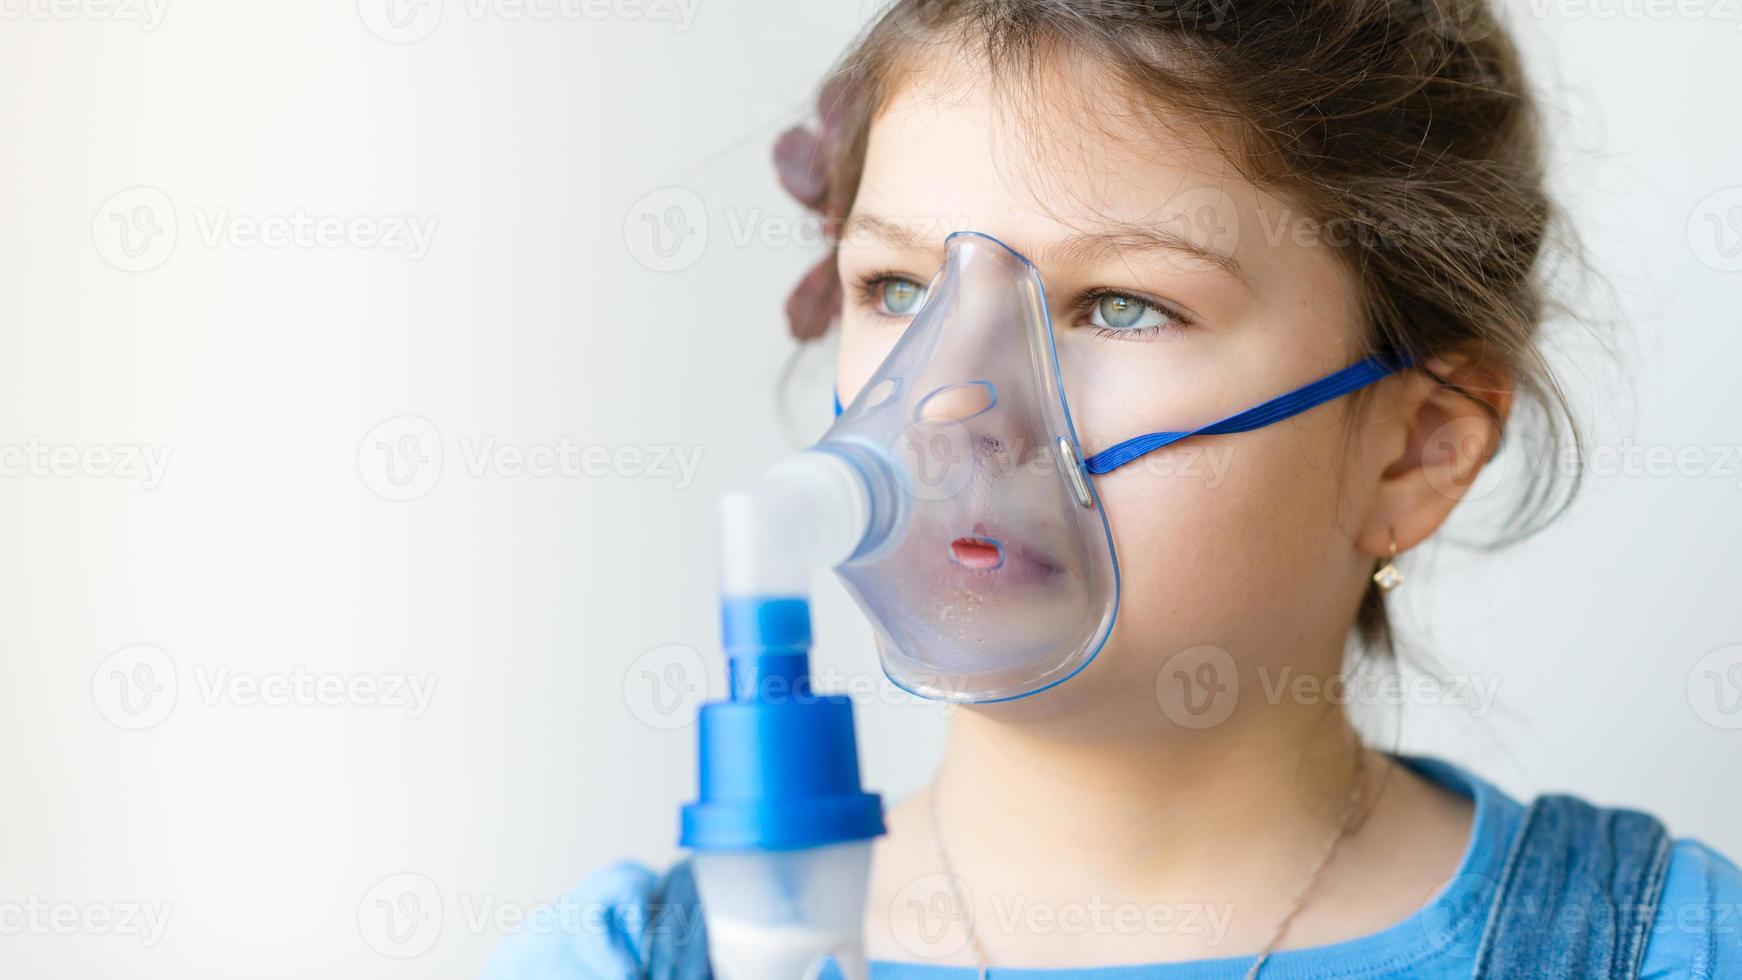 fille avec inhalateur pour l'asthme photo